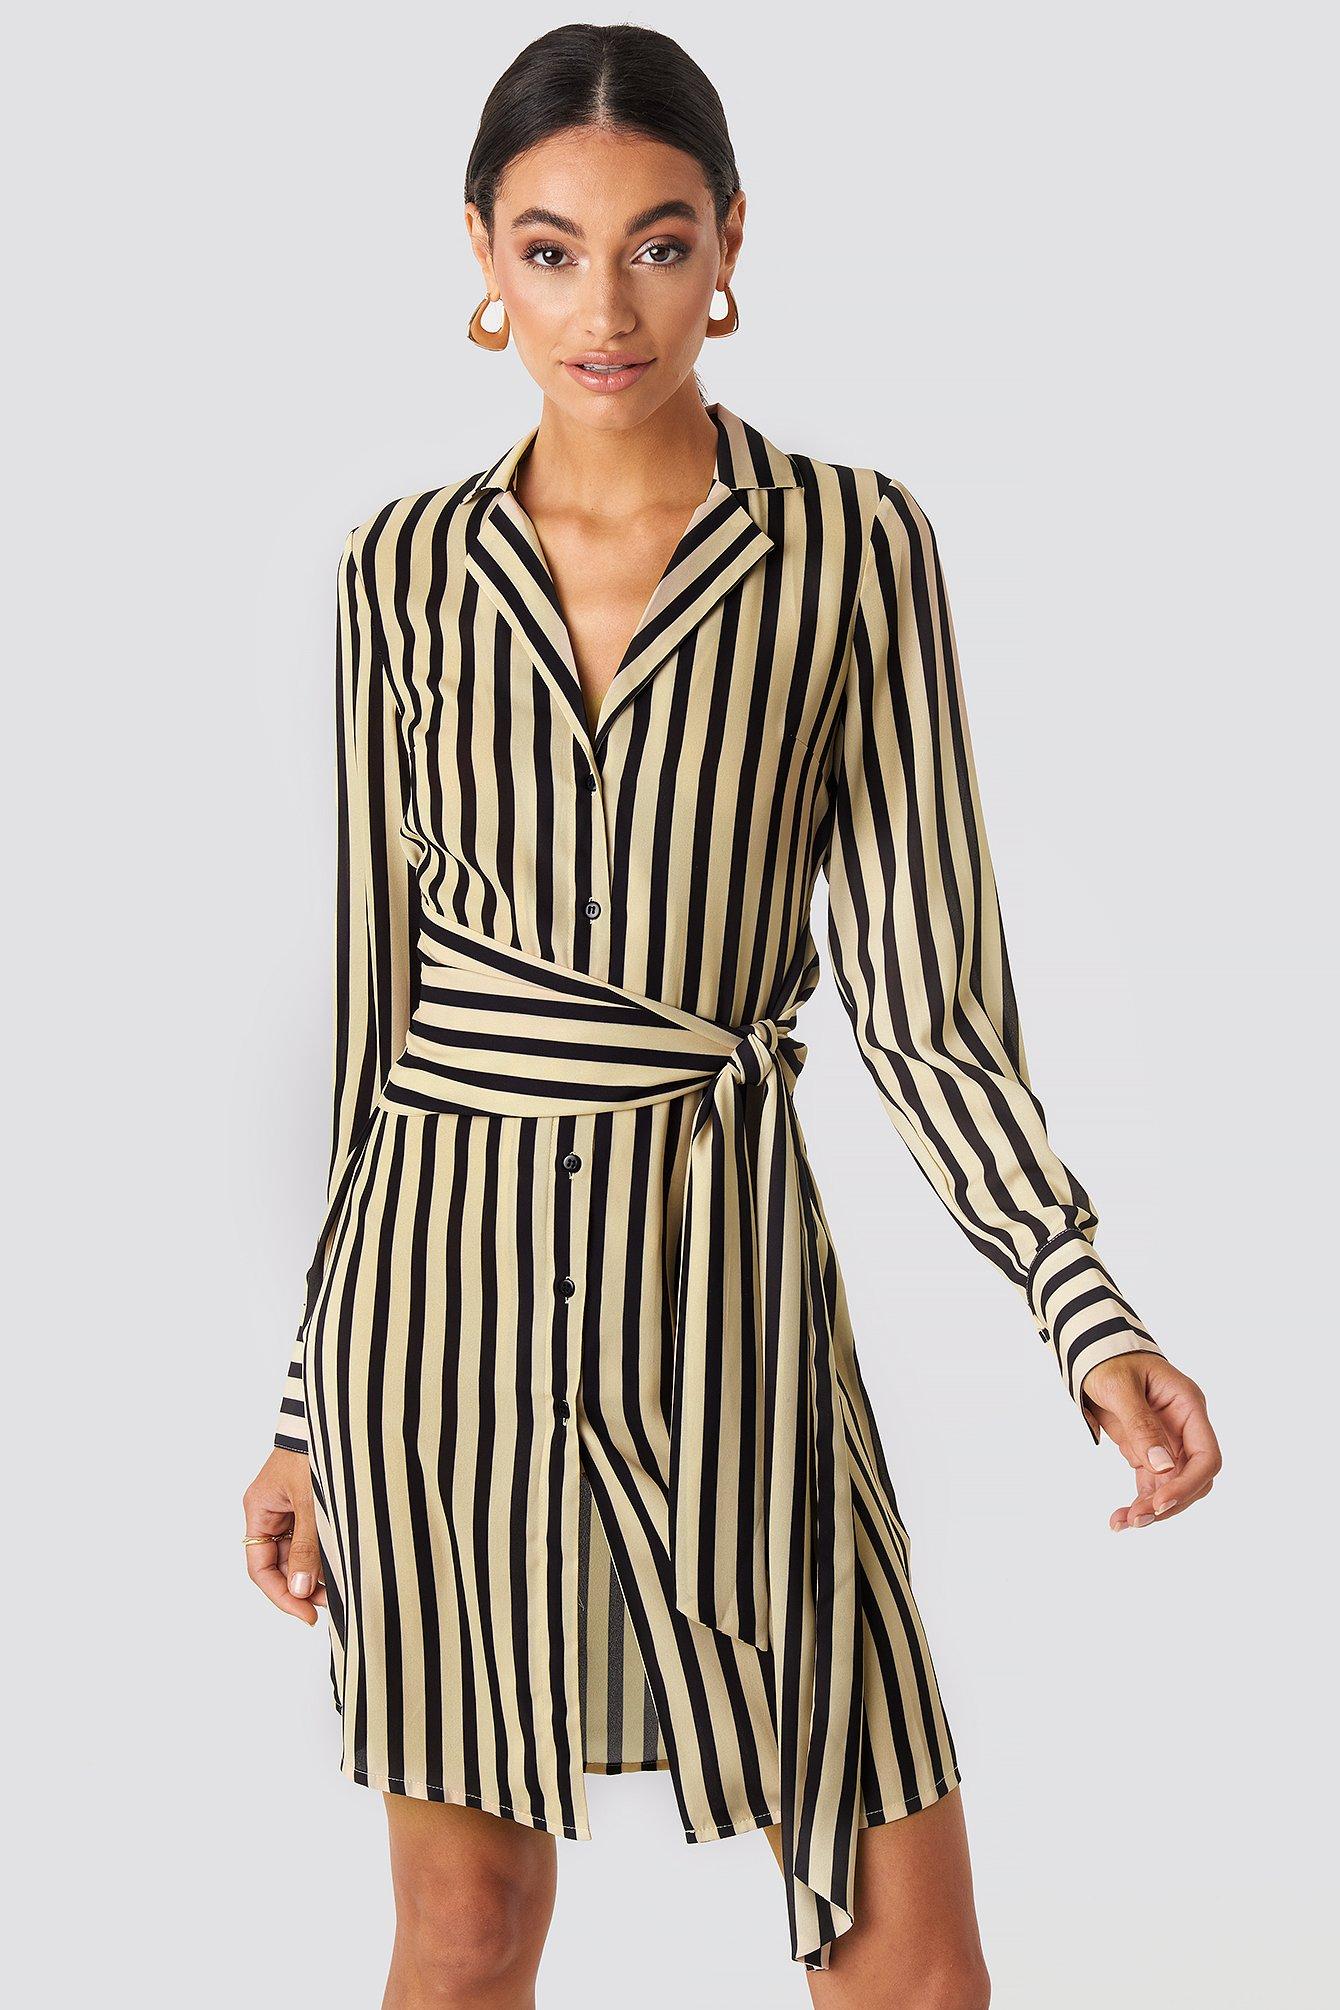 Tied Waist Striped Dress Beige by Nakdclassic